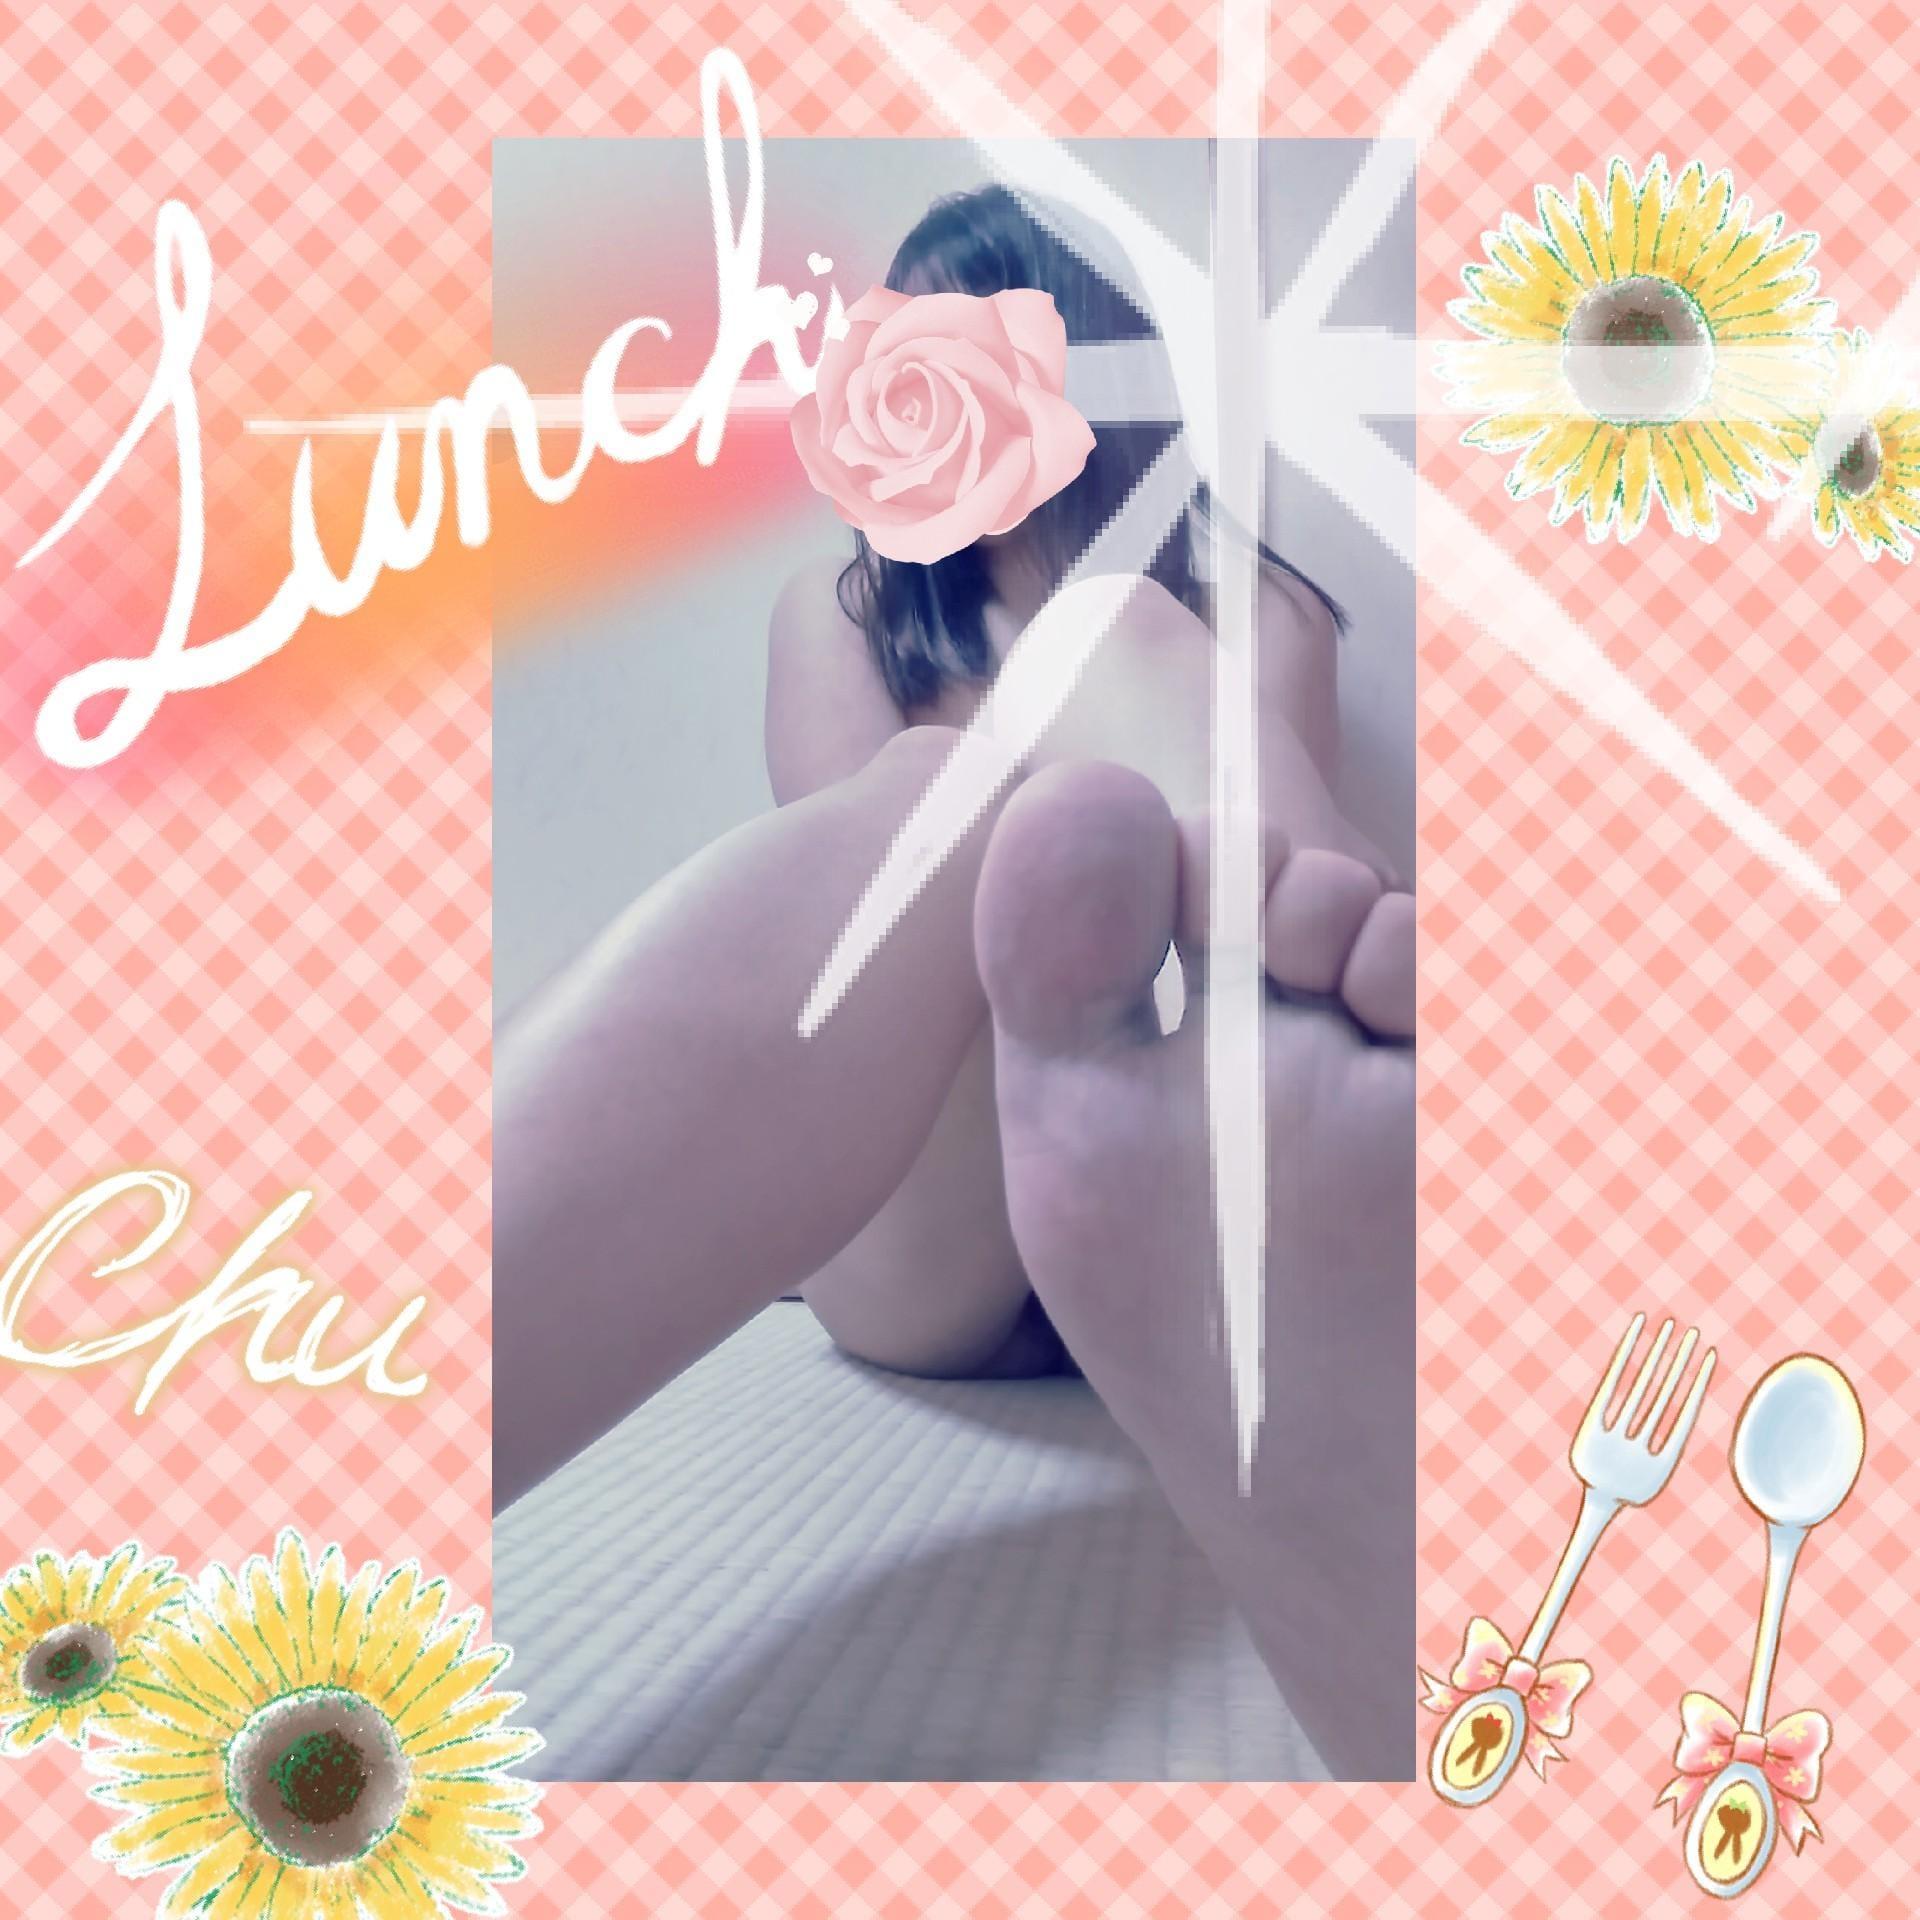 ちえみ「美味しかったです♪」06/24(月) 20:24 | ちえみの写メ・風俗動画